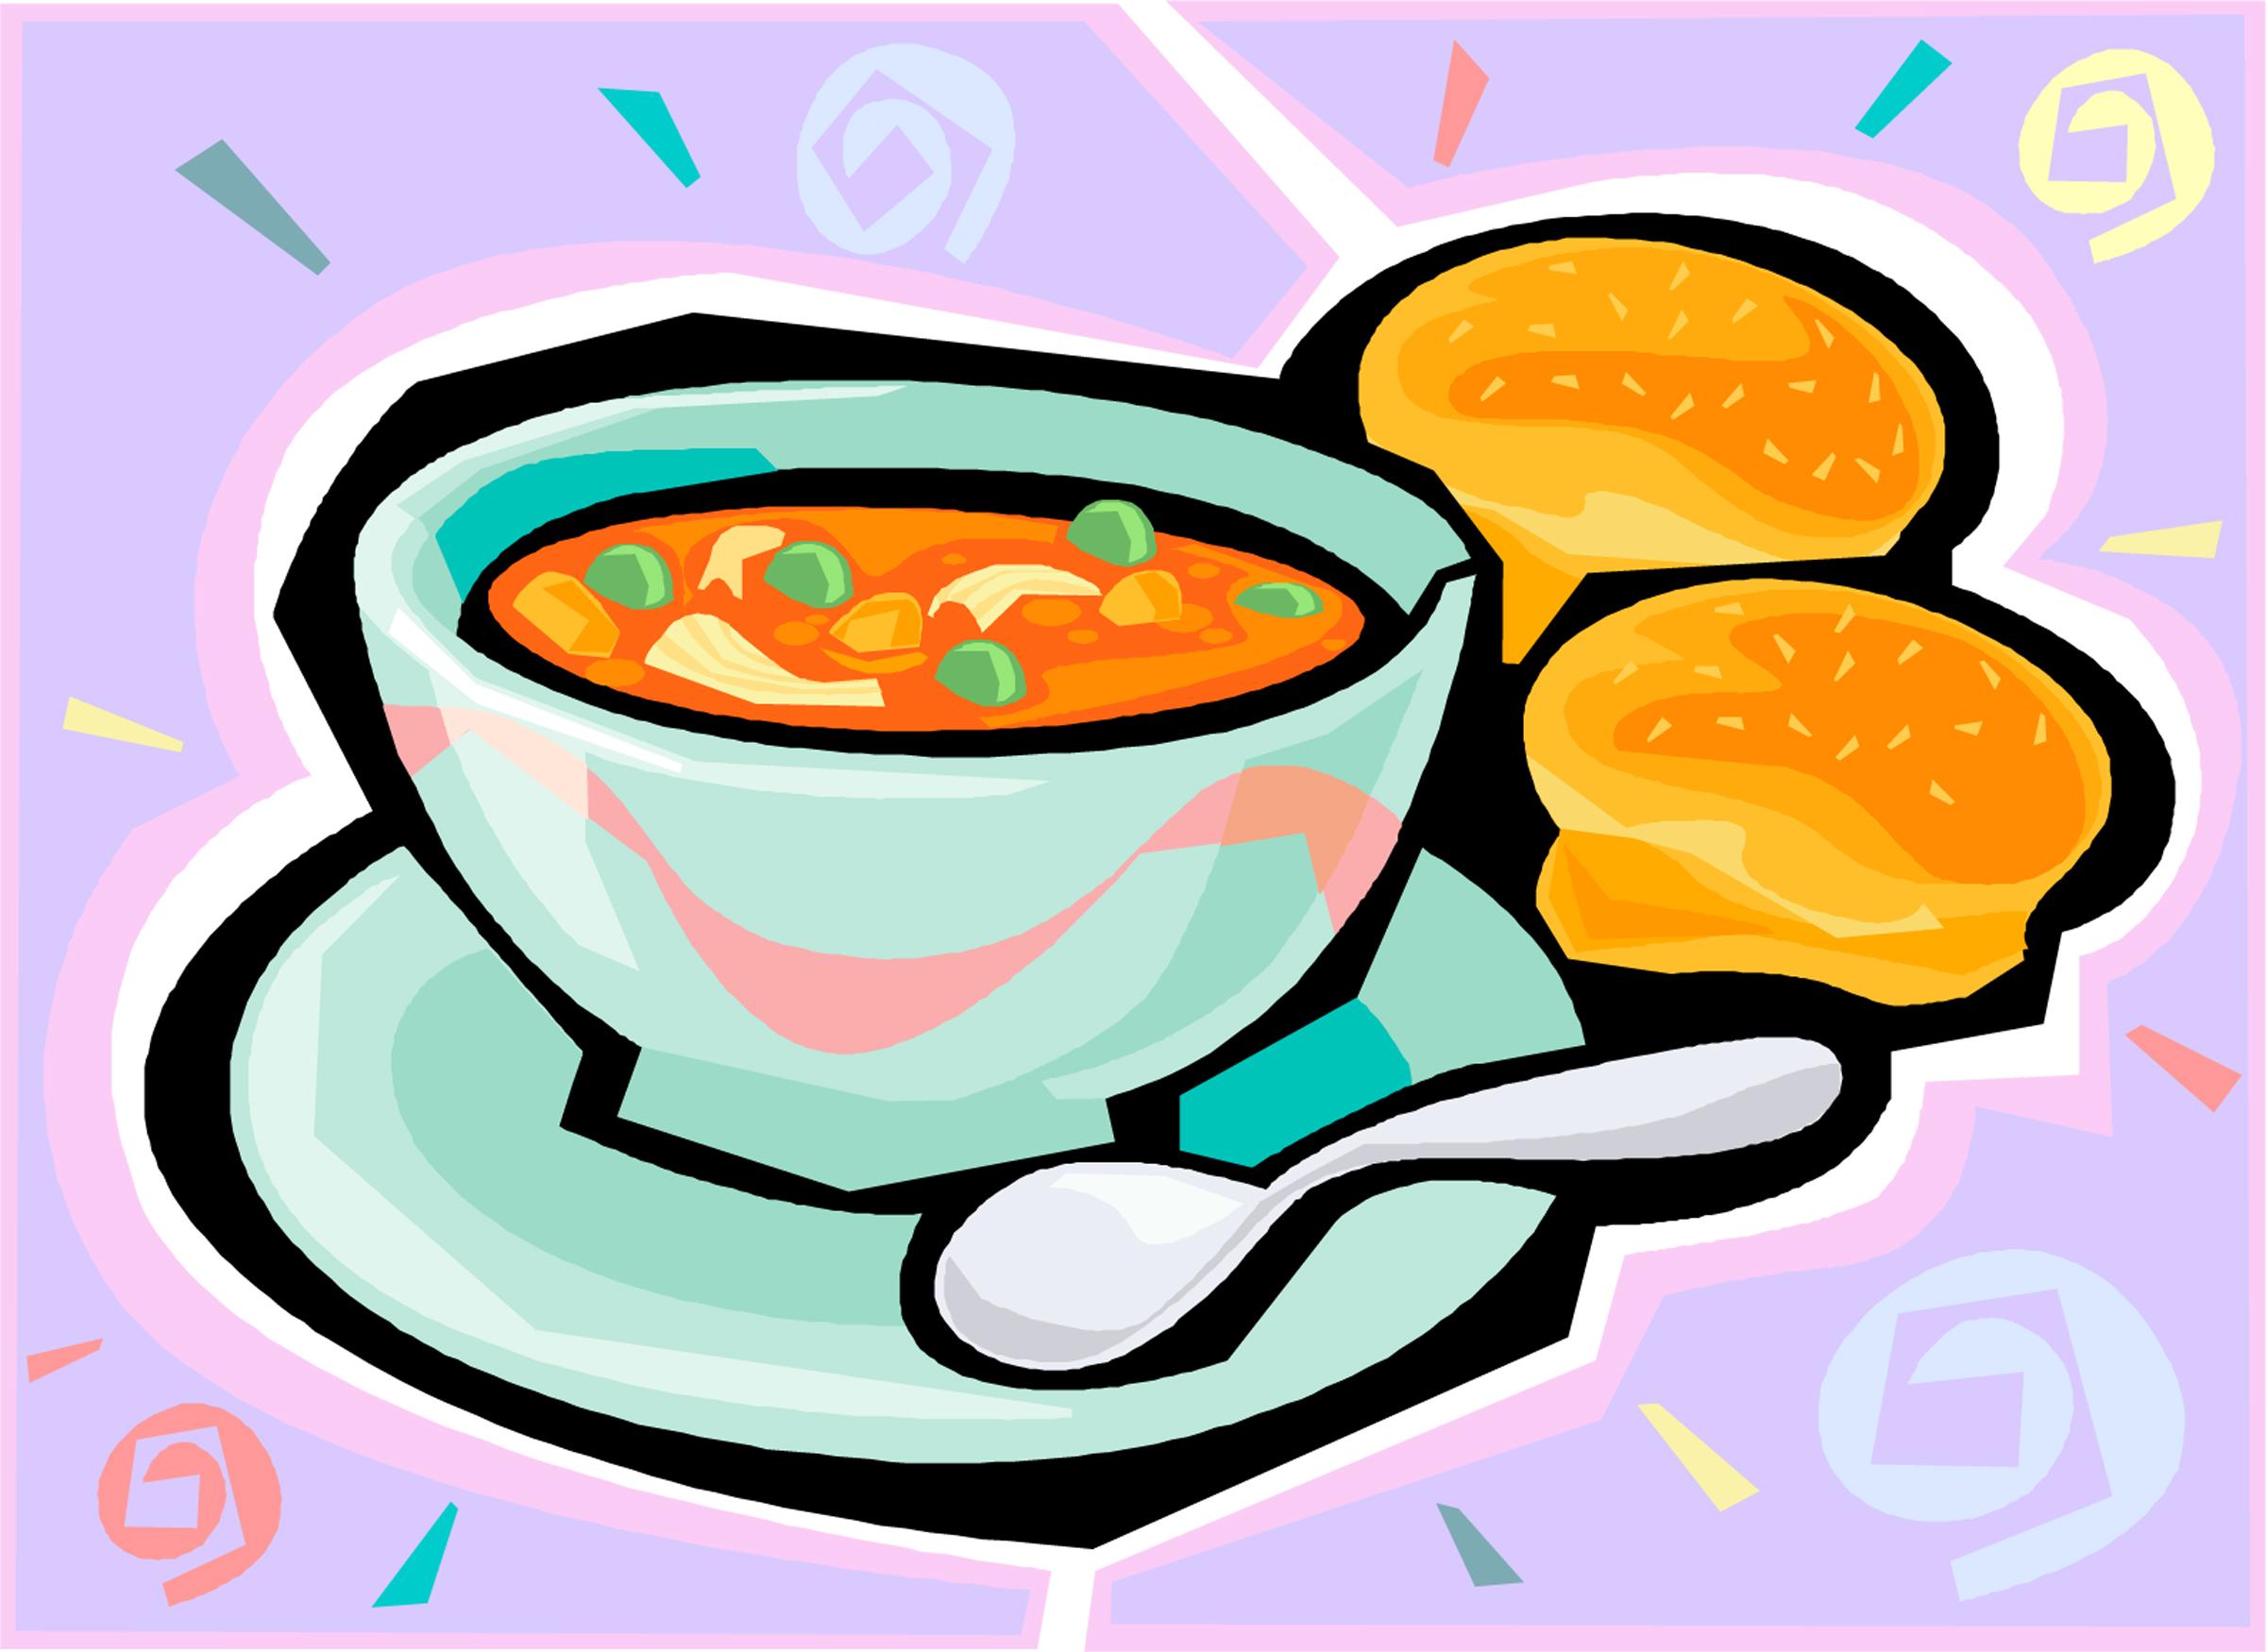 Chili and cornbread clipart jpg black and white Free Cornbread Cliparts, Download Free Clip Art, Free Clip Art on ... jpg black and white